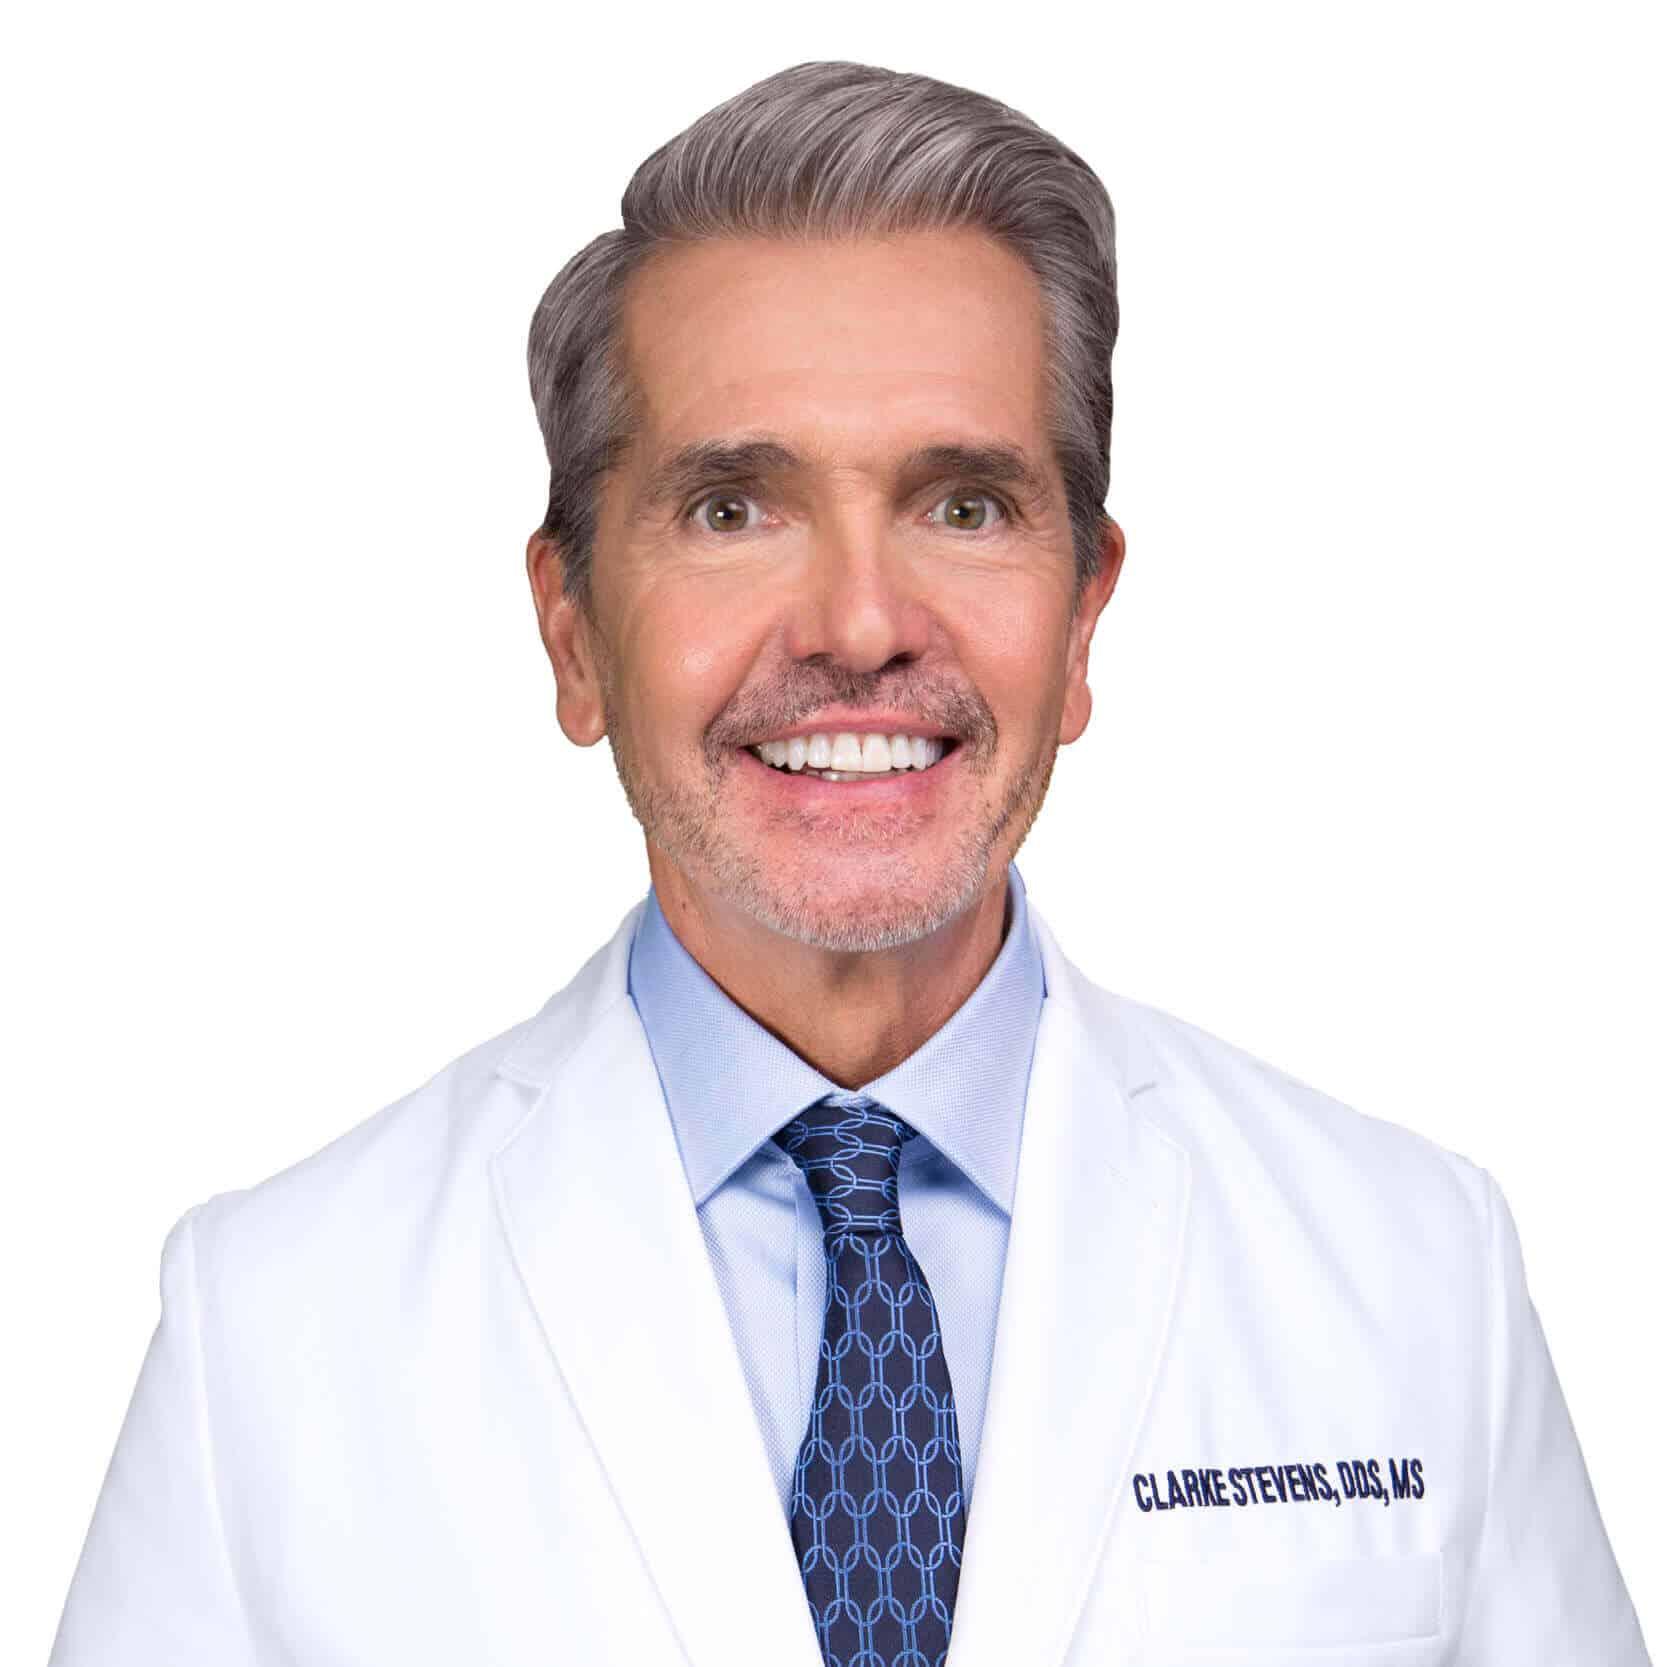 DR. CLARKE STEVENS